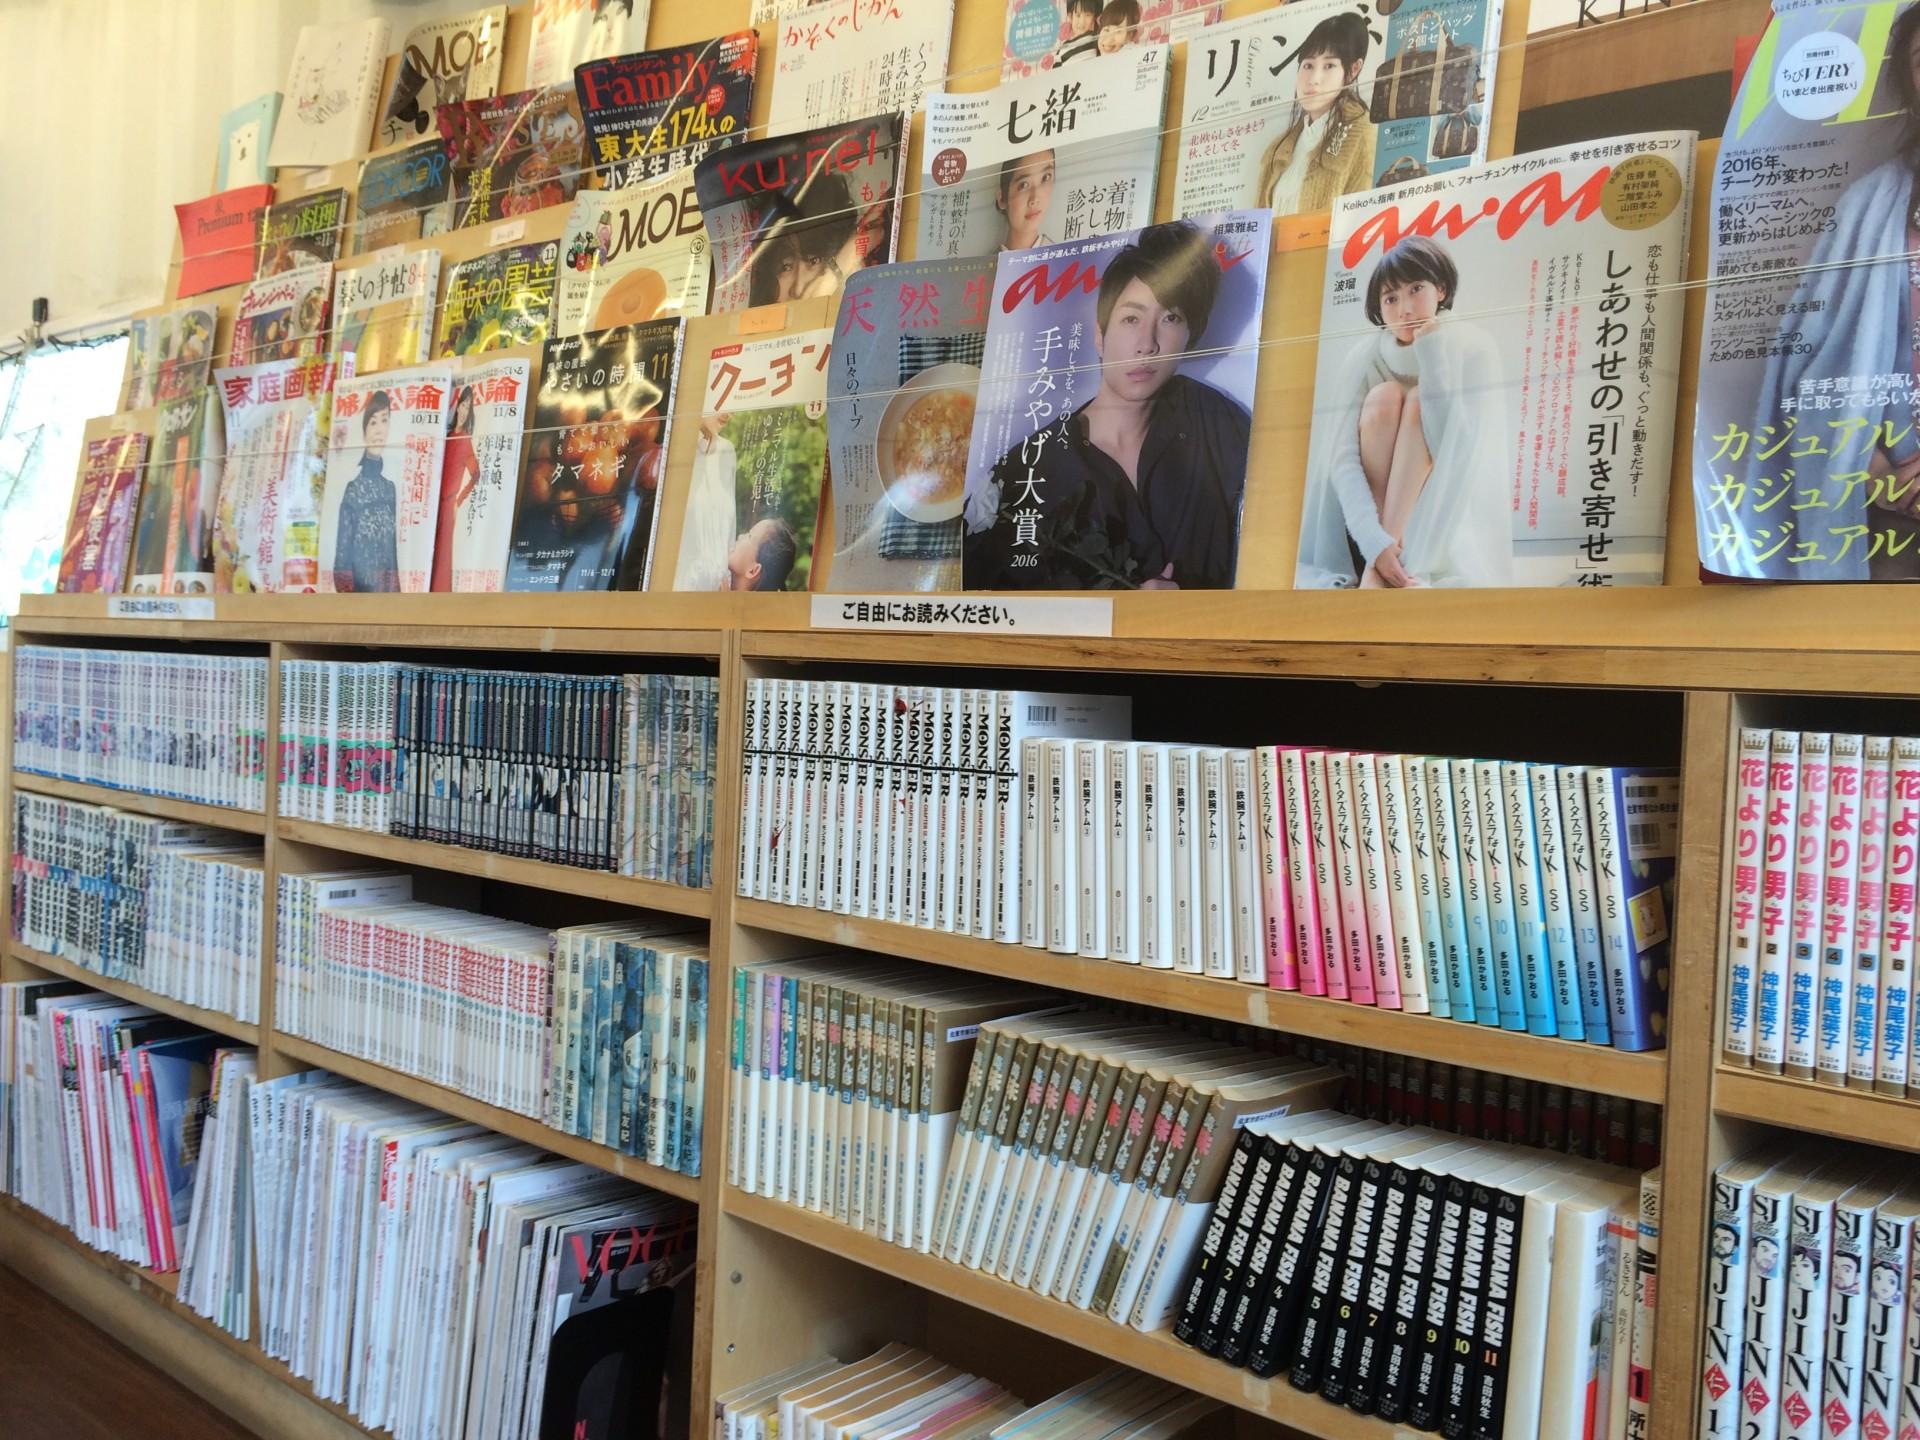 読書コンテナの本棚には、雑誌だけでなく漫画も数多く並んでいます。